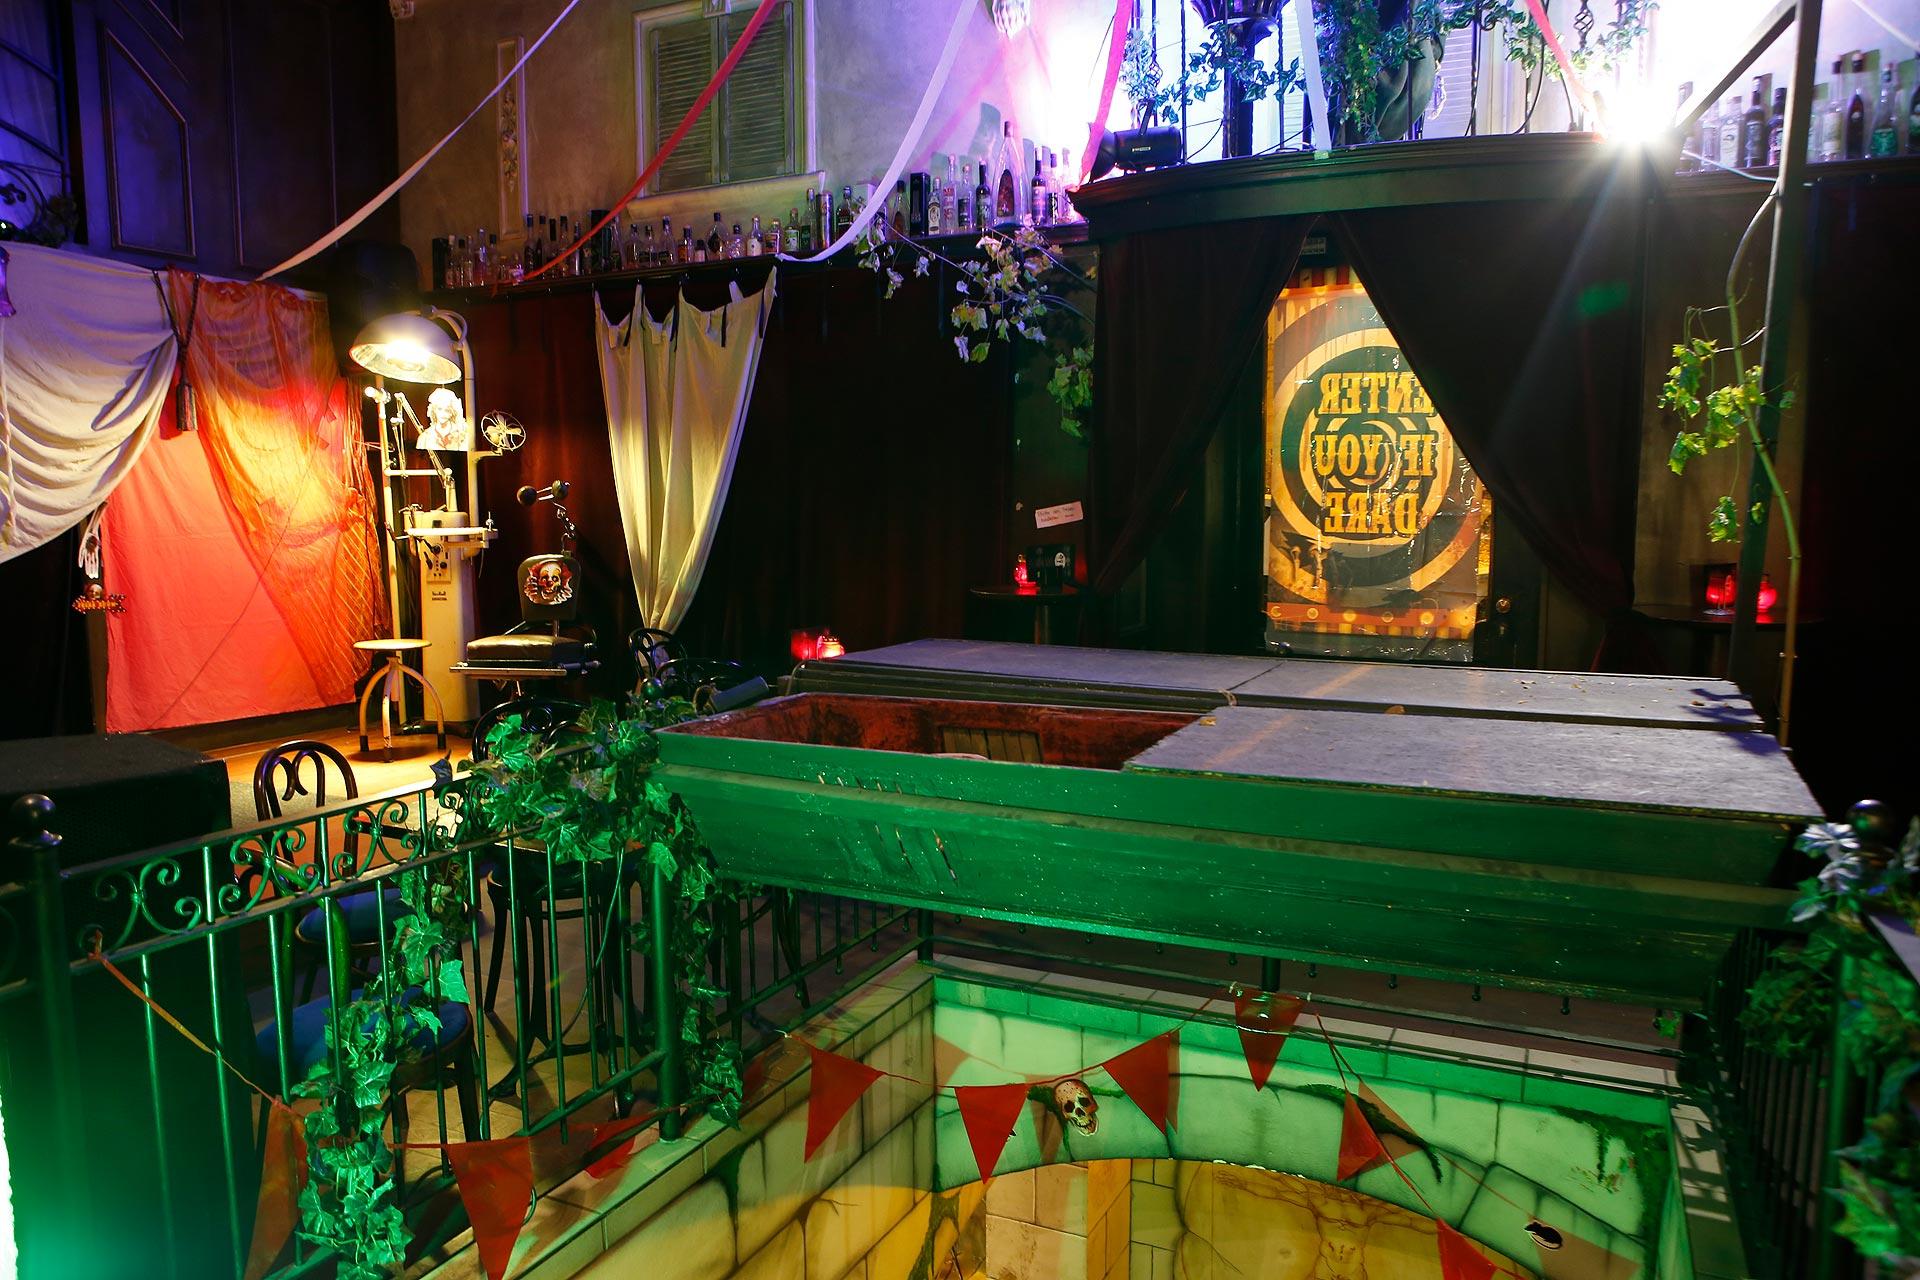 Mottopartys im Sammelsurium: Die Absintherie zieht vor allem viele Halloween- und Wave-Gotik-Fans an.